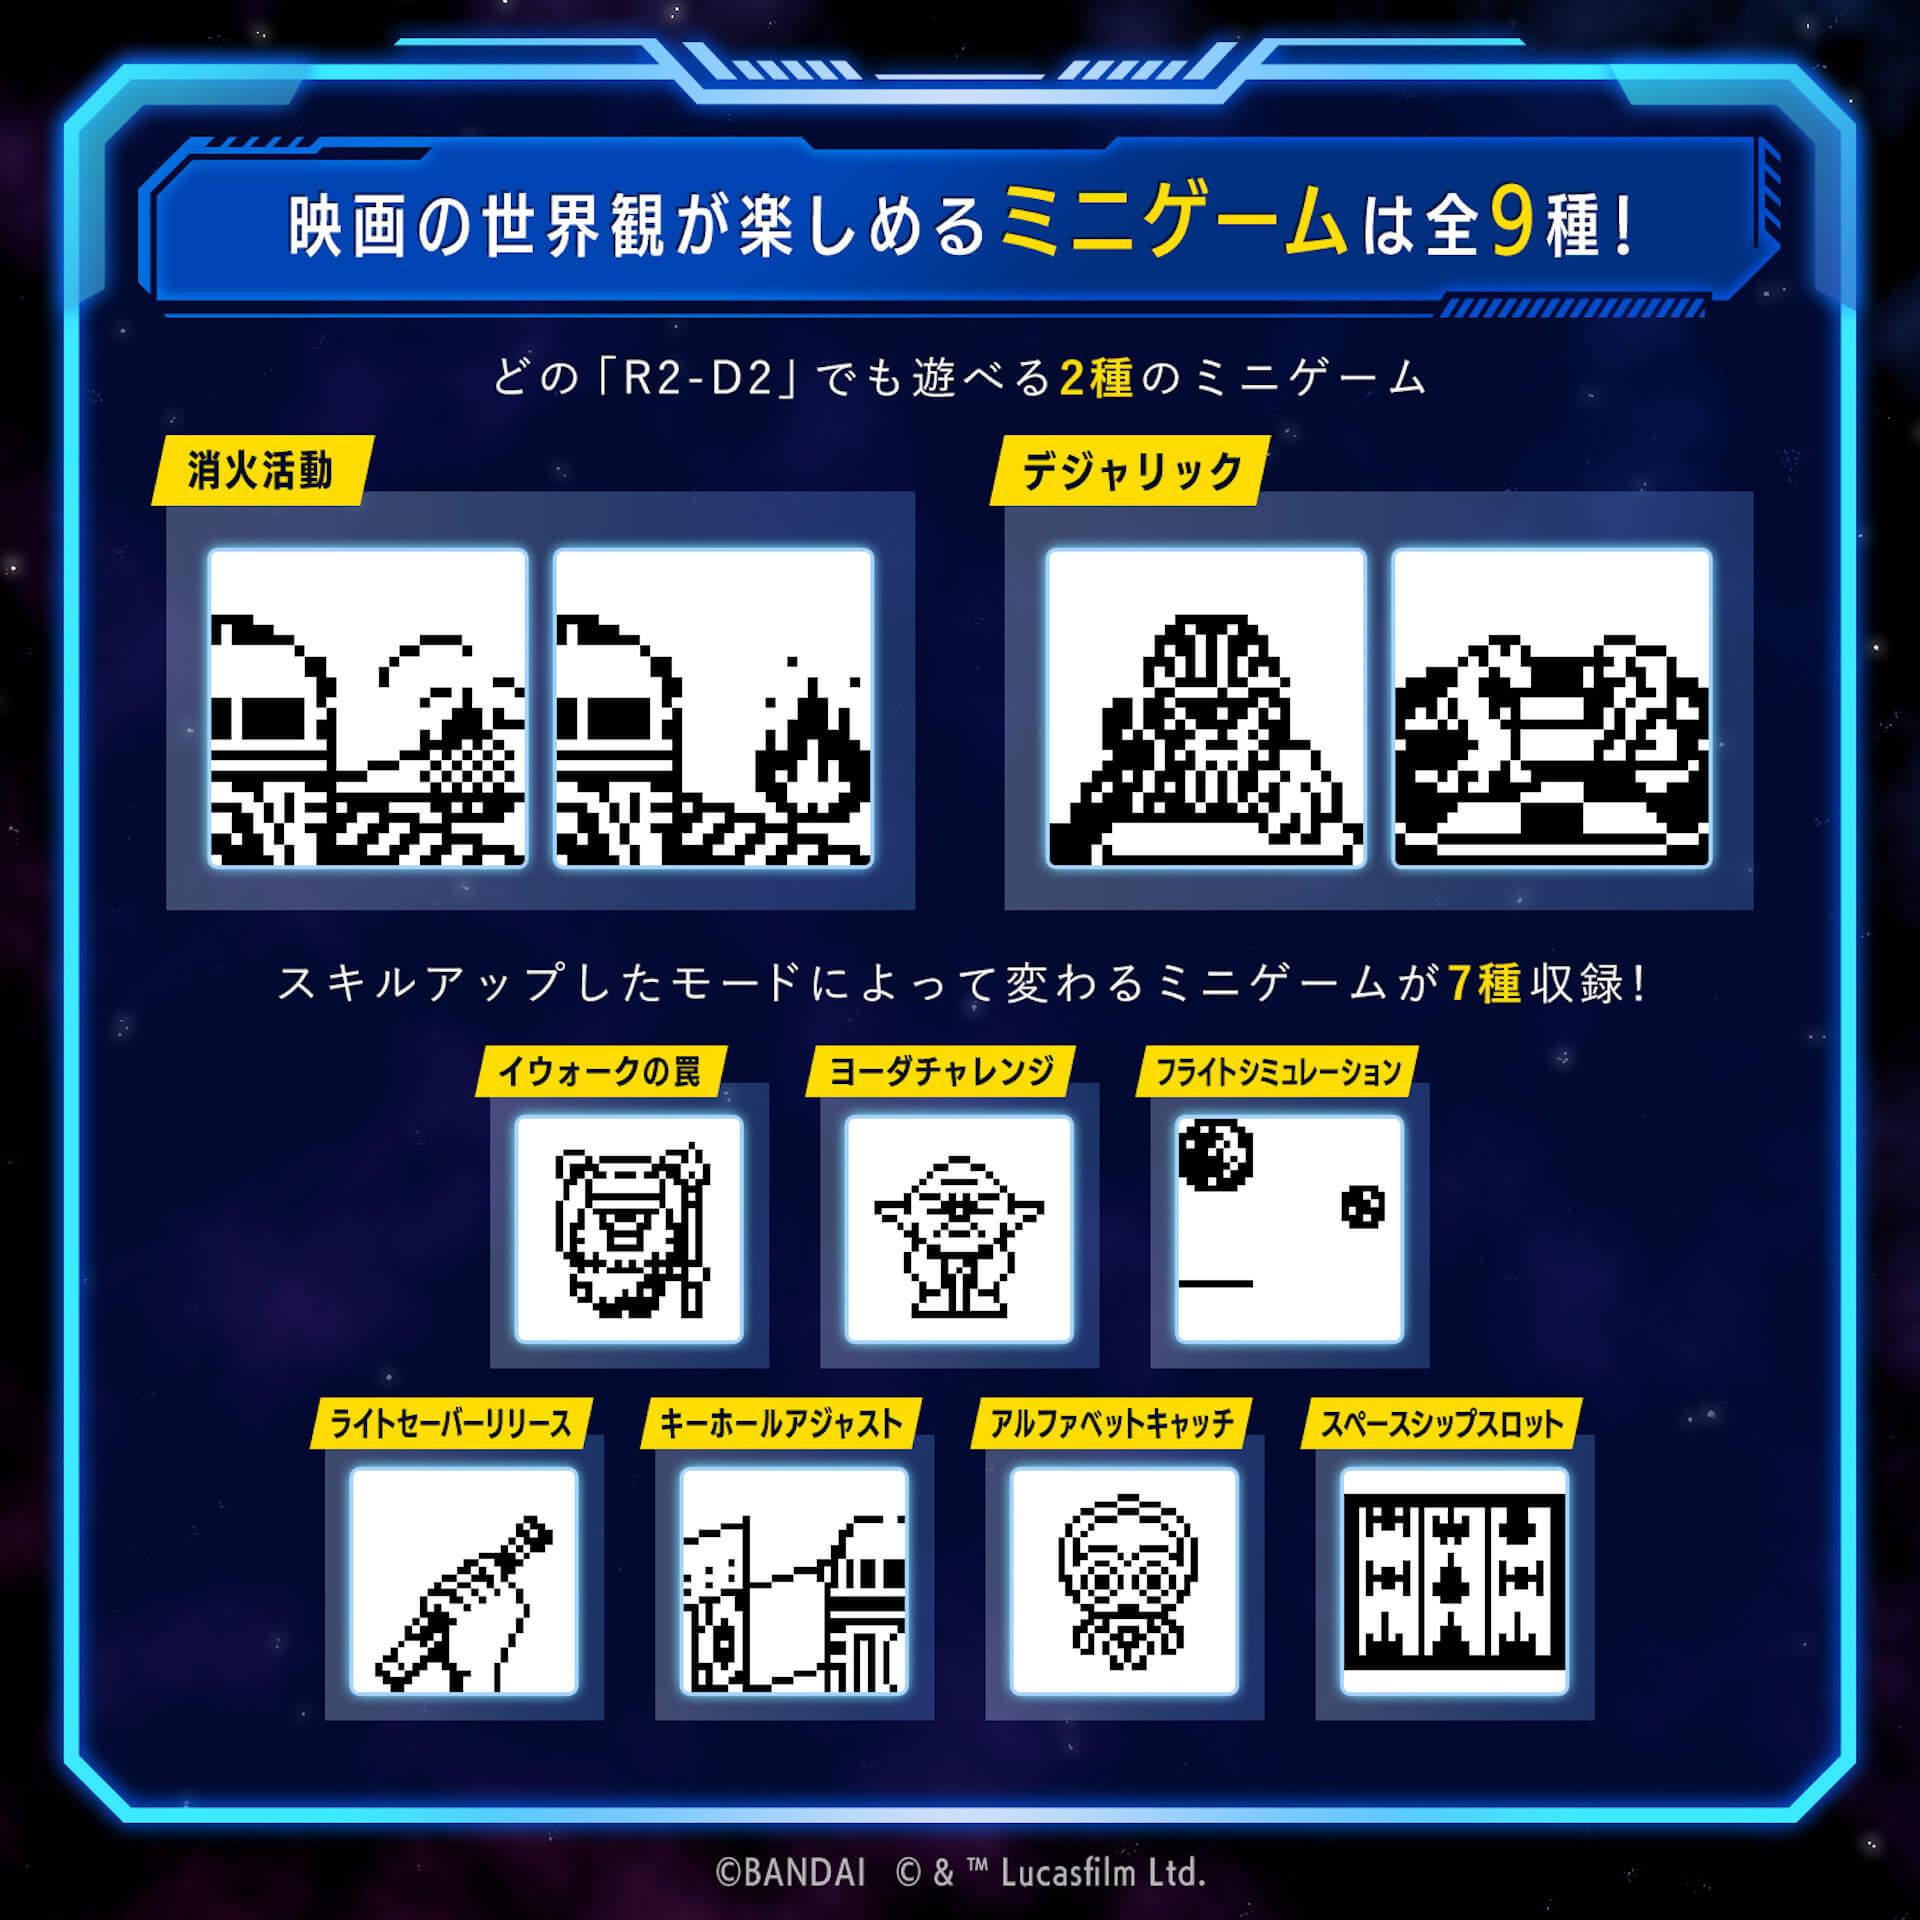 『スター・ウォーズ』のR2-D2をたまごっちで育成しよう!『R2-D2 TAMAGOTCHI』がバンダイから発売決定 tech210803_starwars_r2d2_6